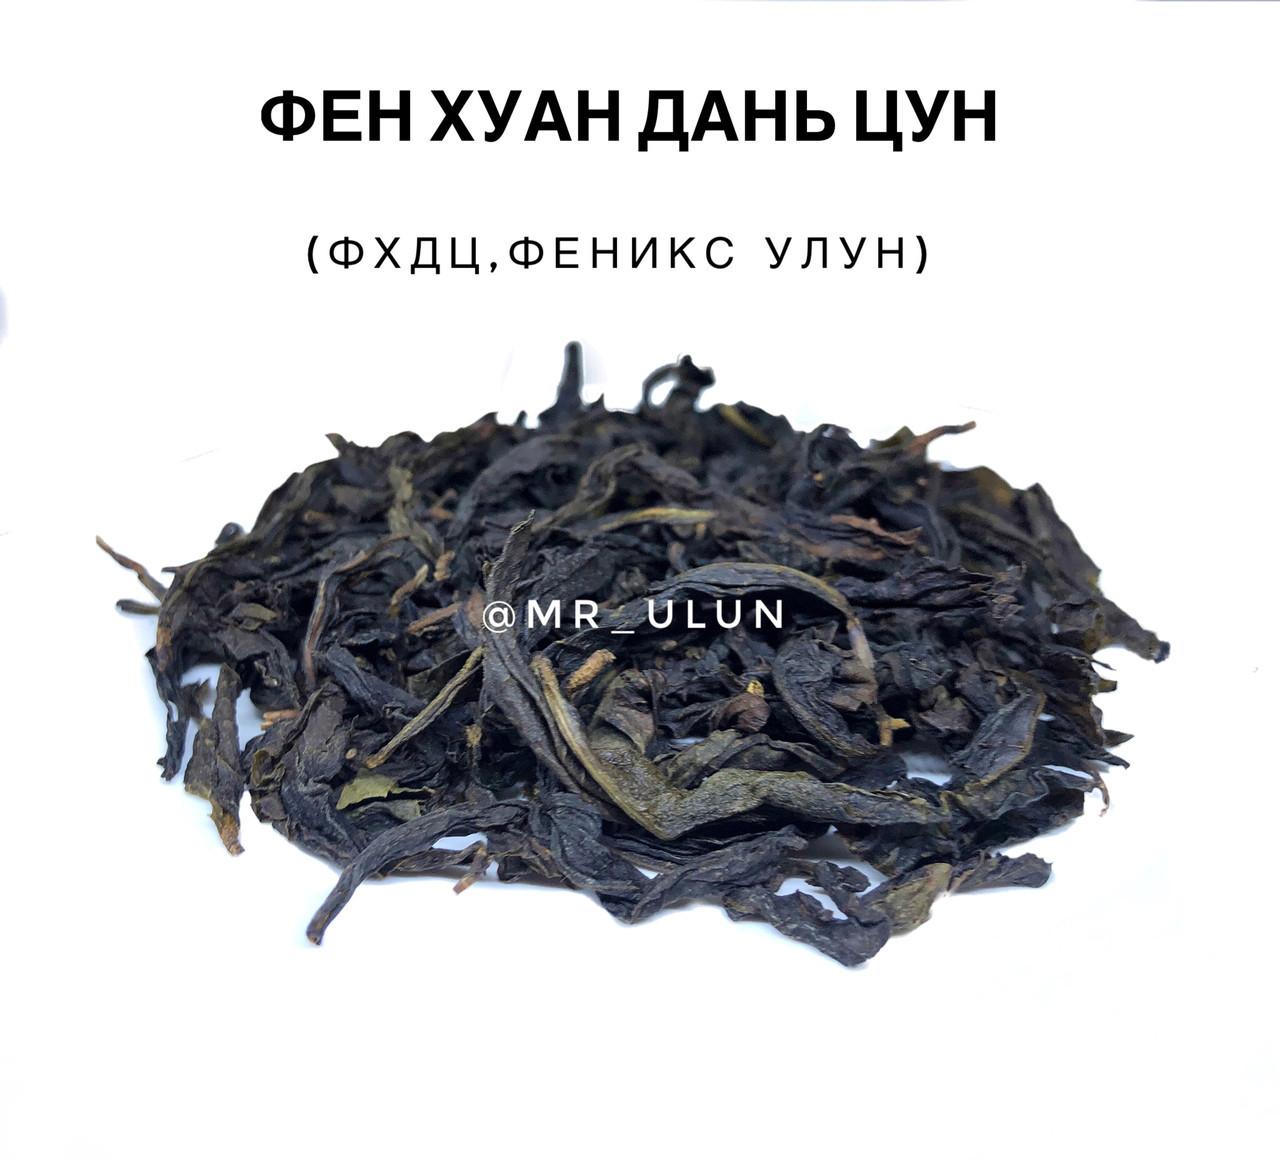 Темний улун Фен Хуан Дань Цун (ФХДЦ, Фенікс улун) 250 г